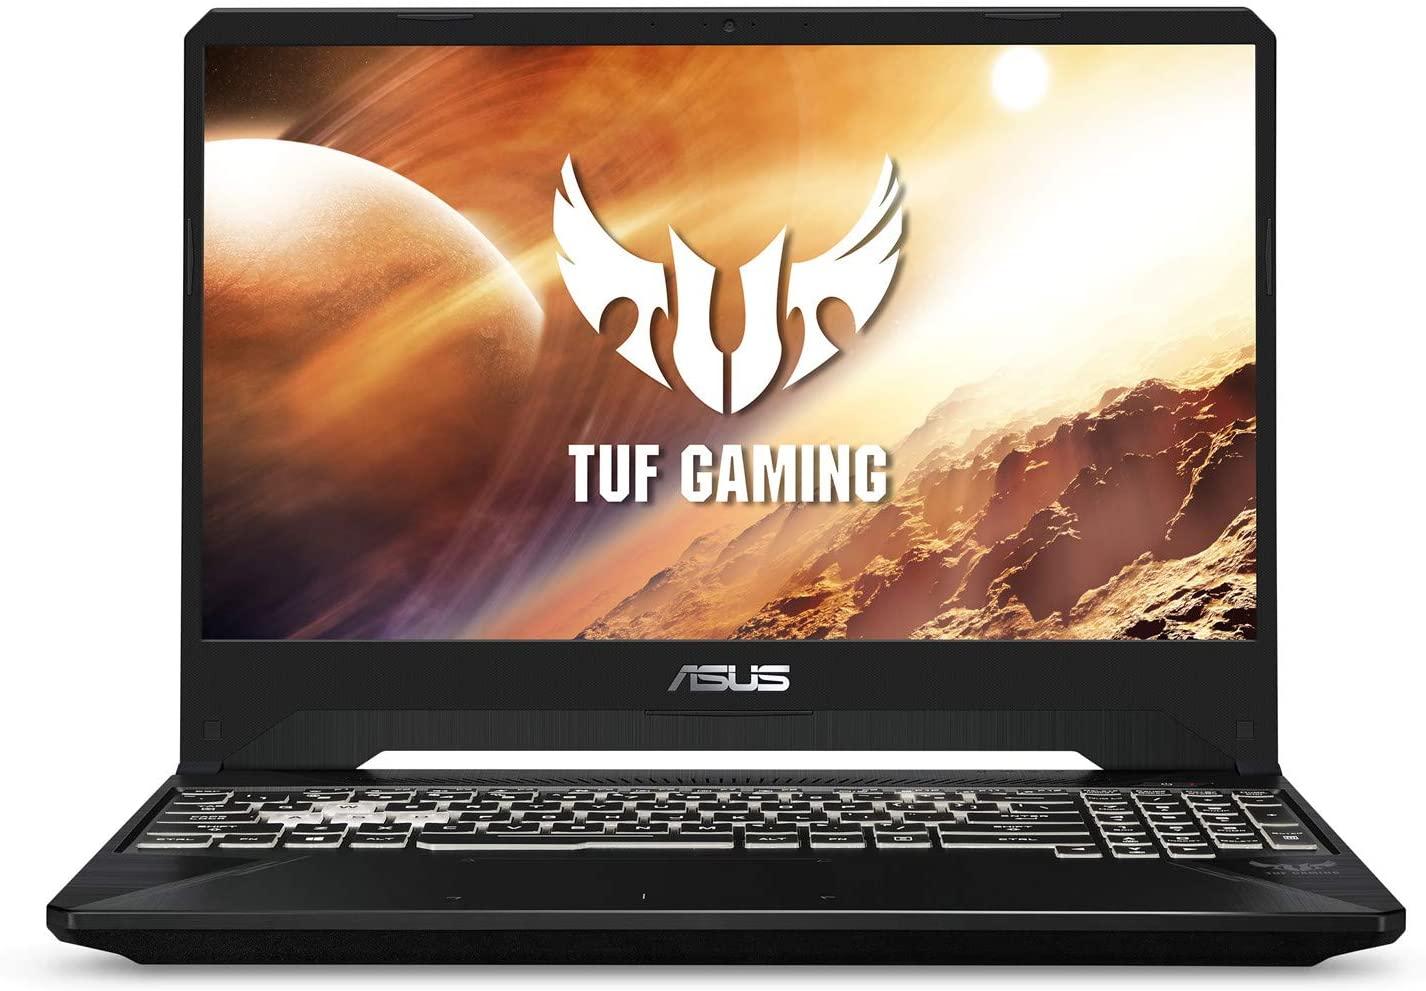 ASUS TUF Gaming F17 17-inch Laptop